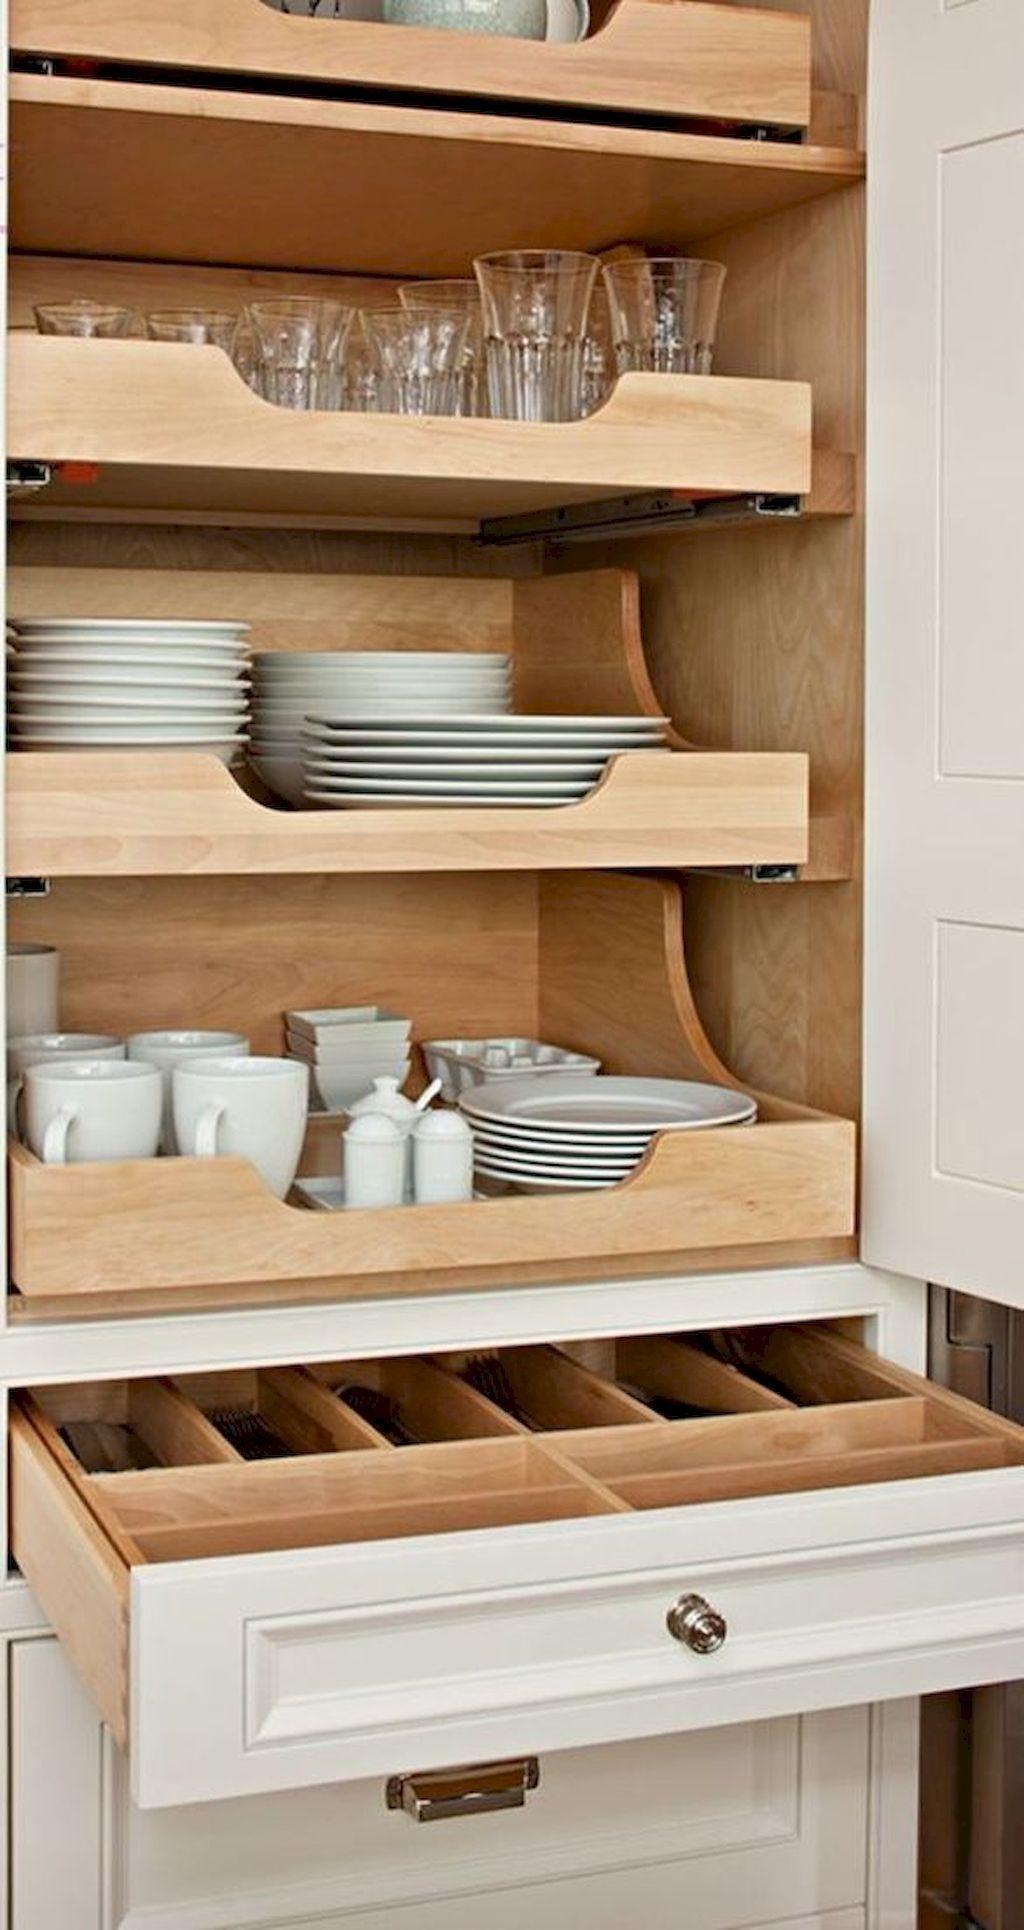 Organize your kitchen cabinet to reclaim space kitchen kitchen